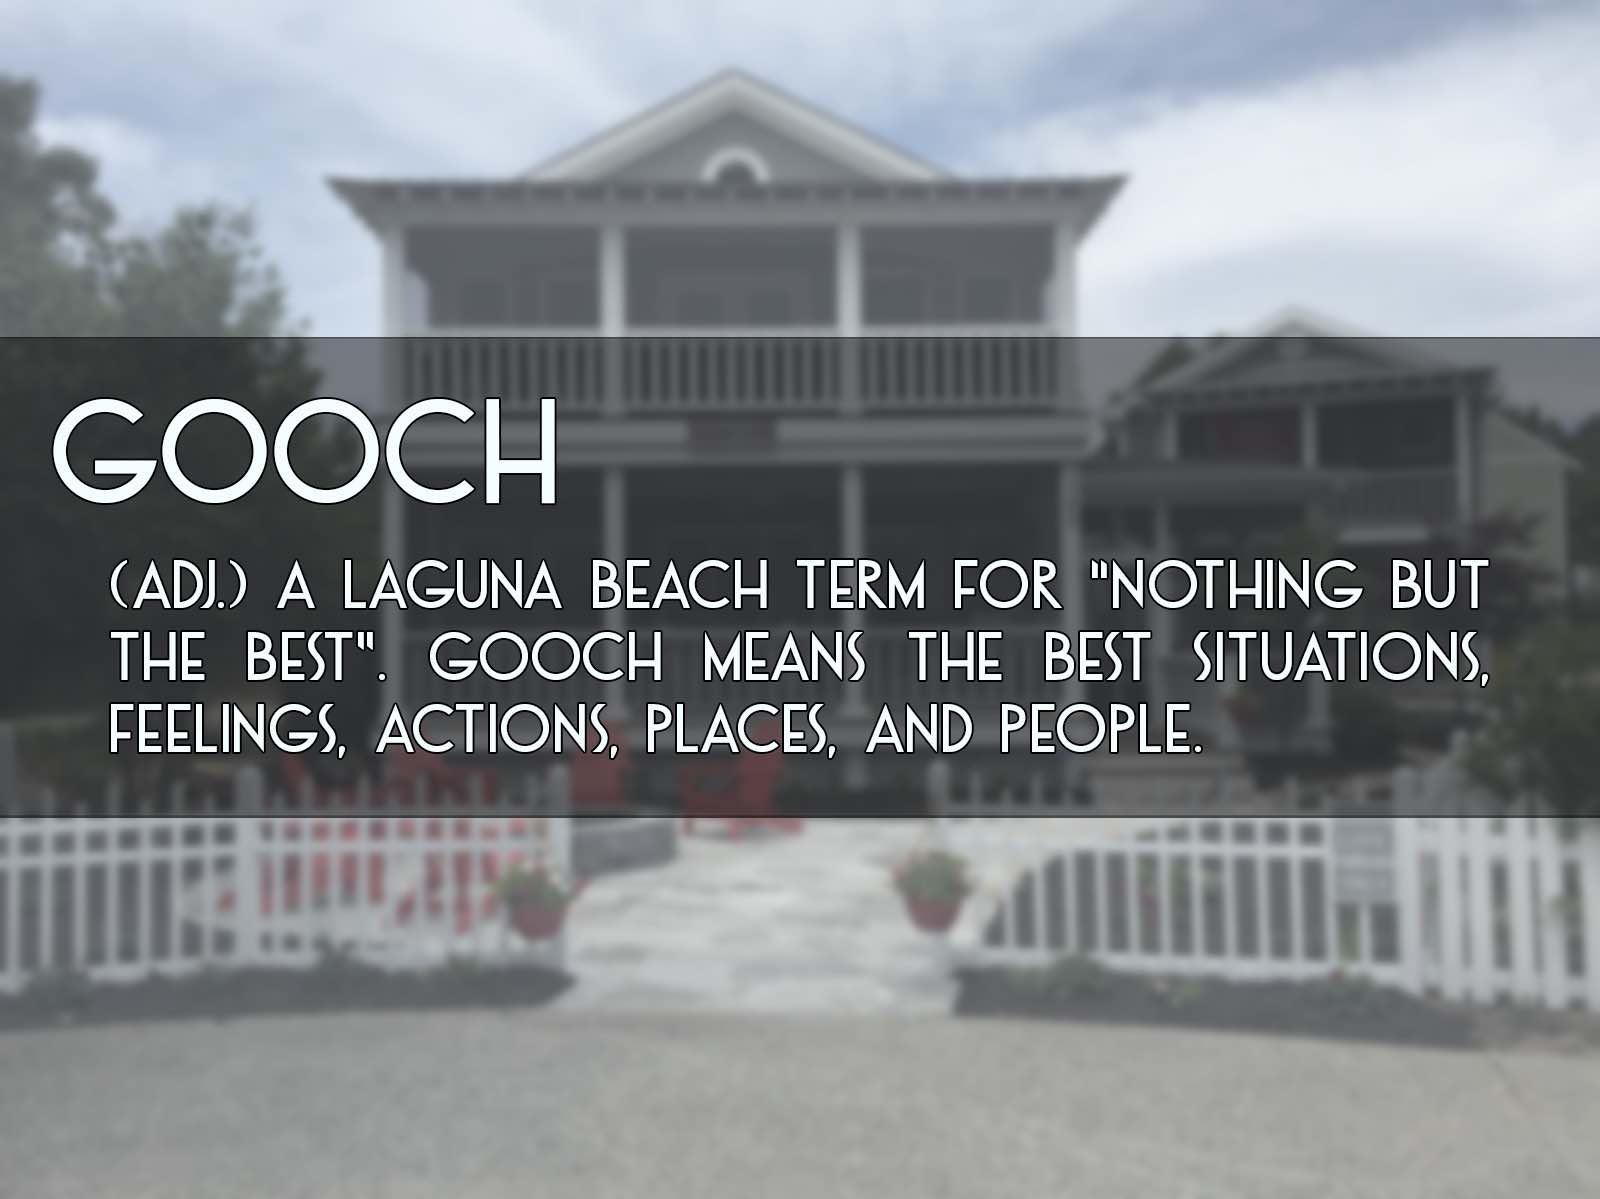 http://beachwalkvacationrentals.com/Unit/Details/53018